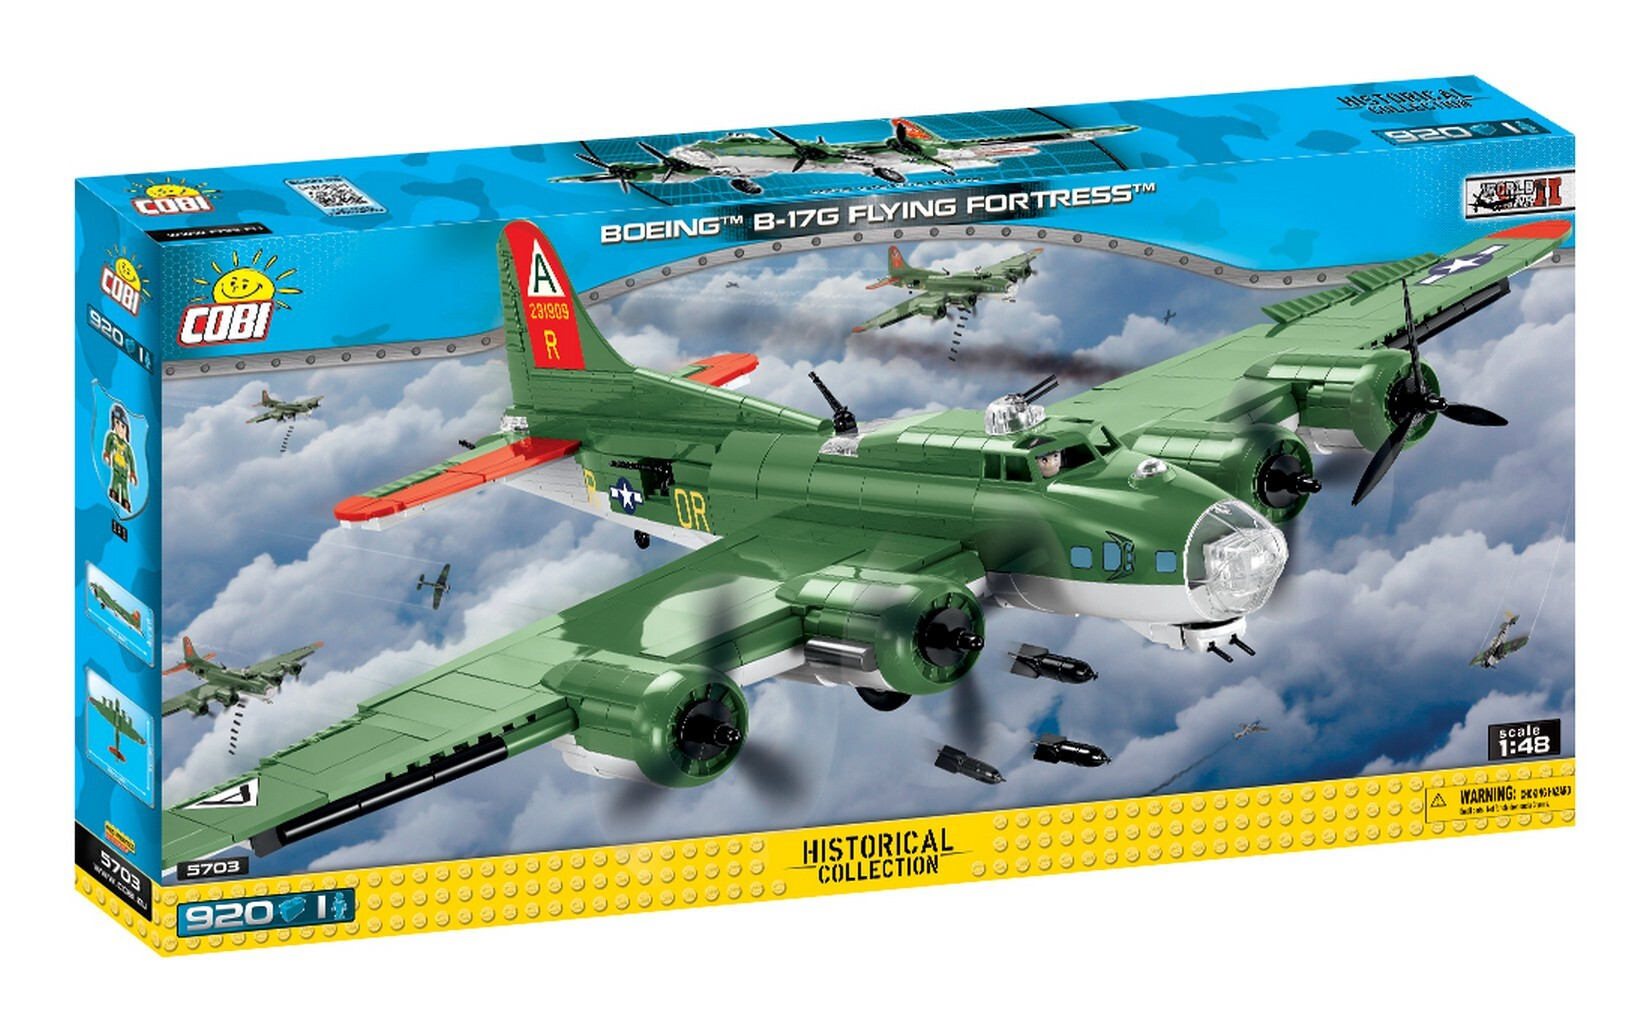 COBI #5703 B-17G フライングフォートレス